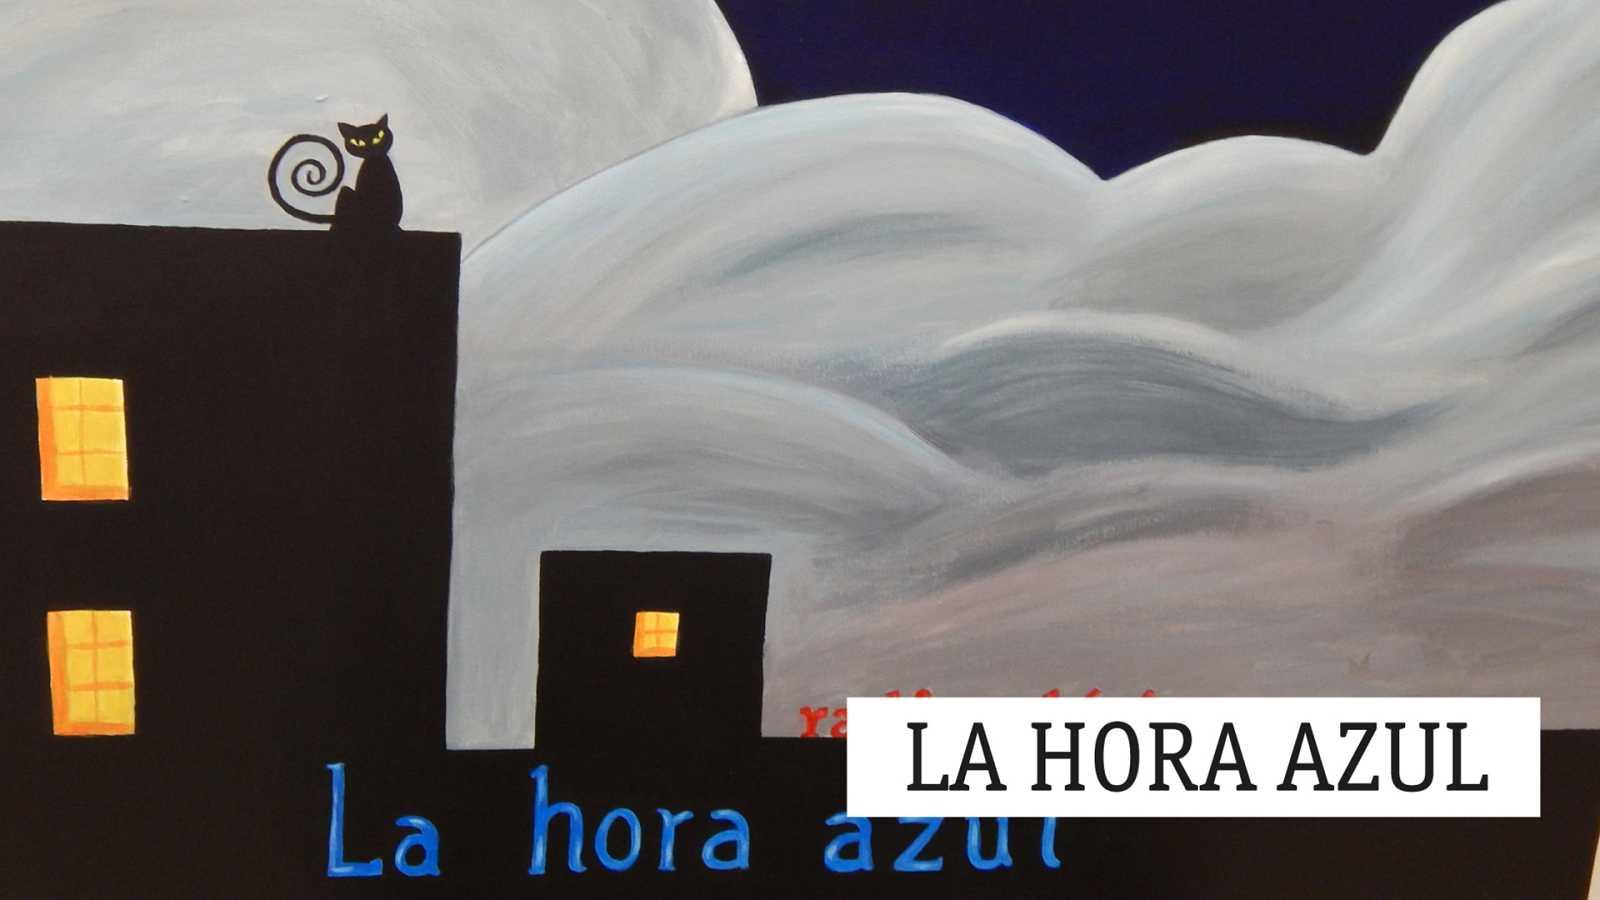 La hora azul - Actualidad - 23/04/21 - escuchar ahora